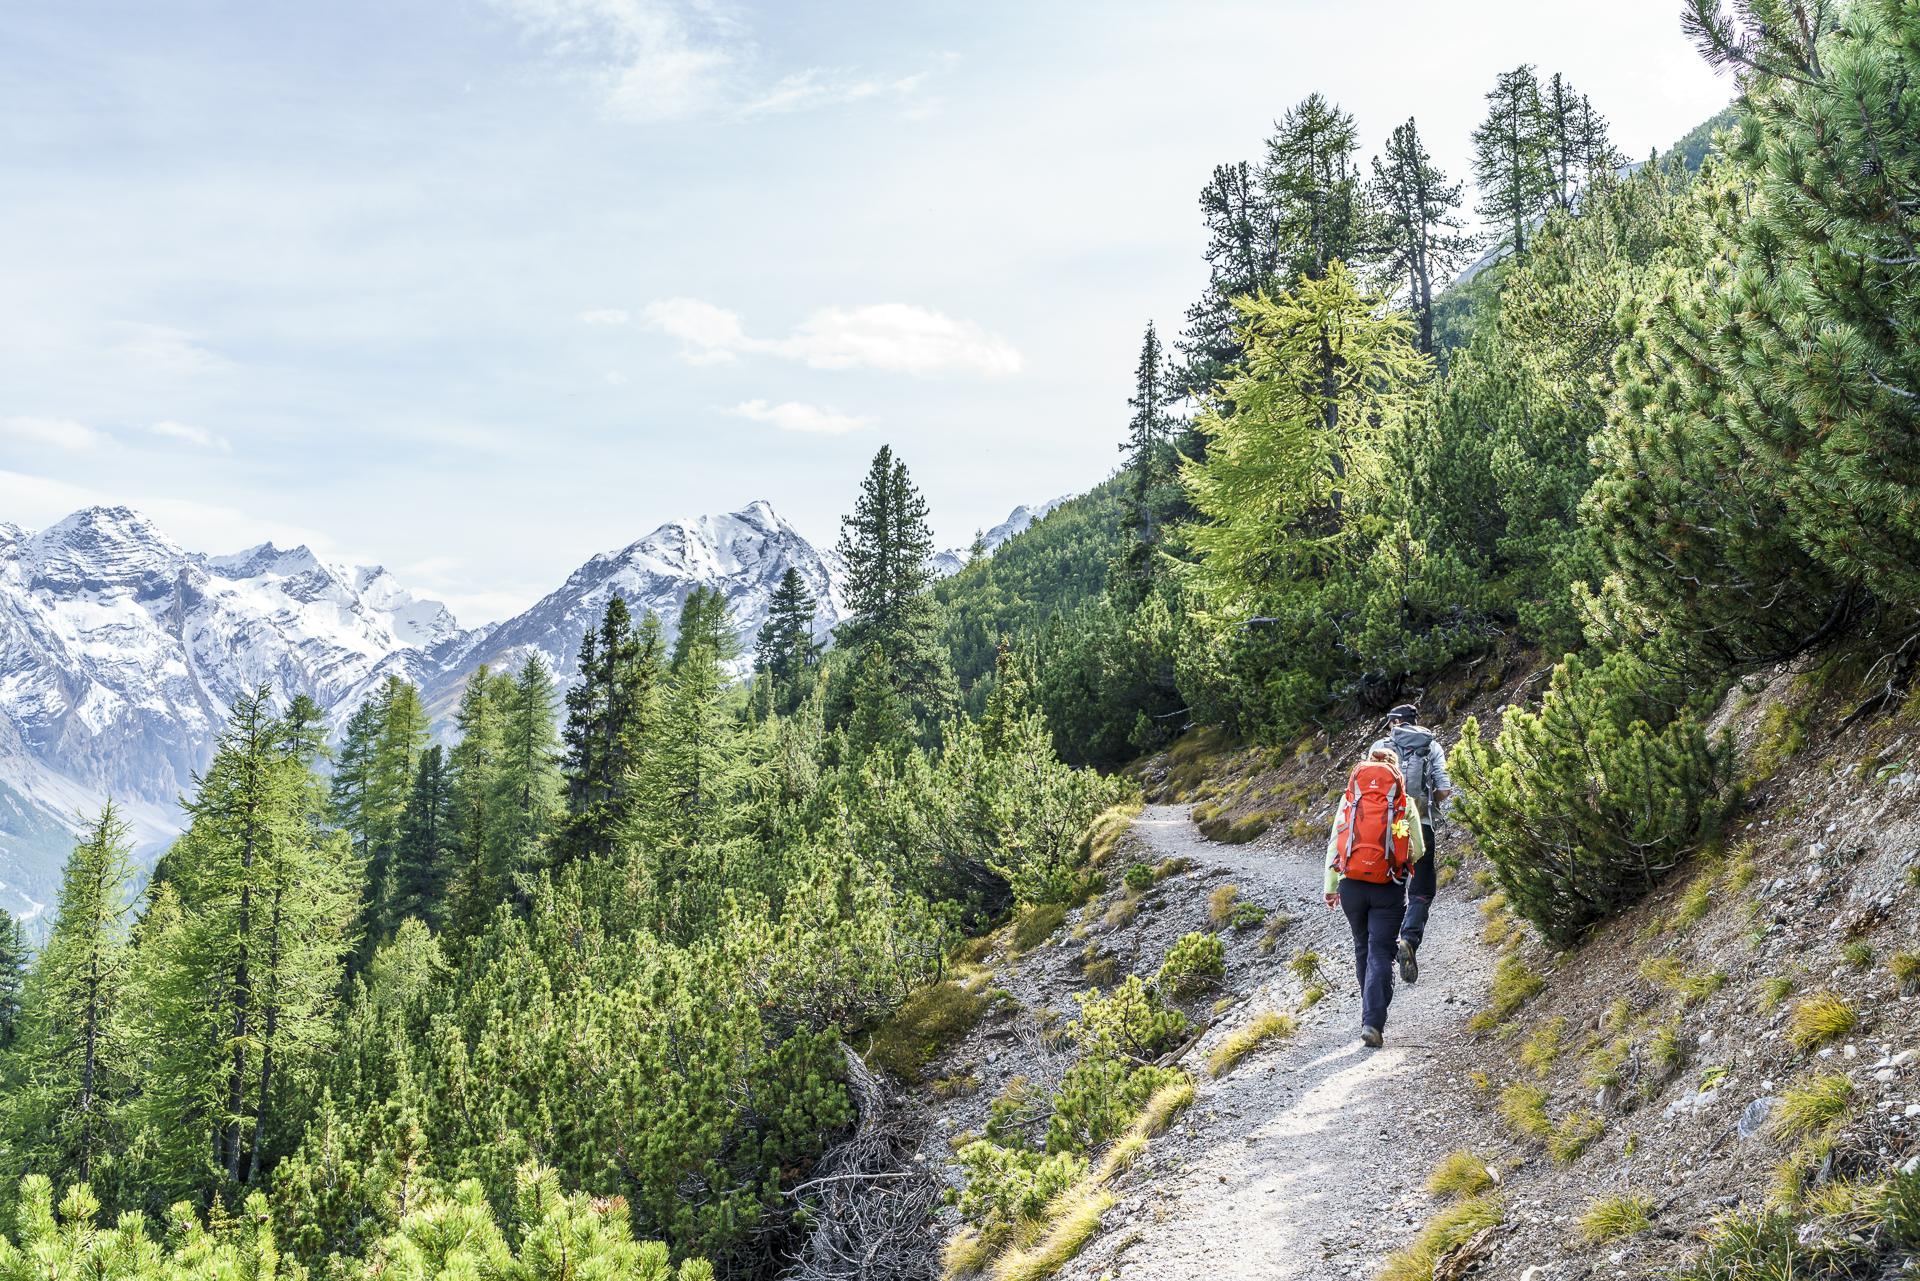 Wanderung Zernaz Val Cluozza